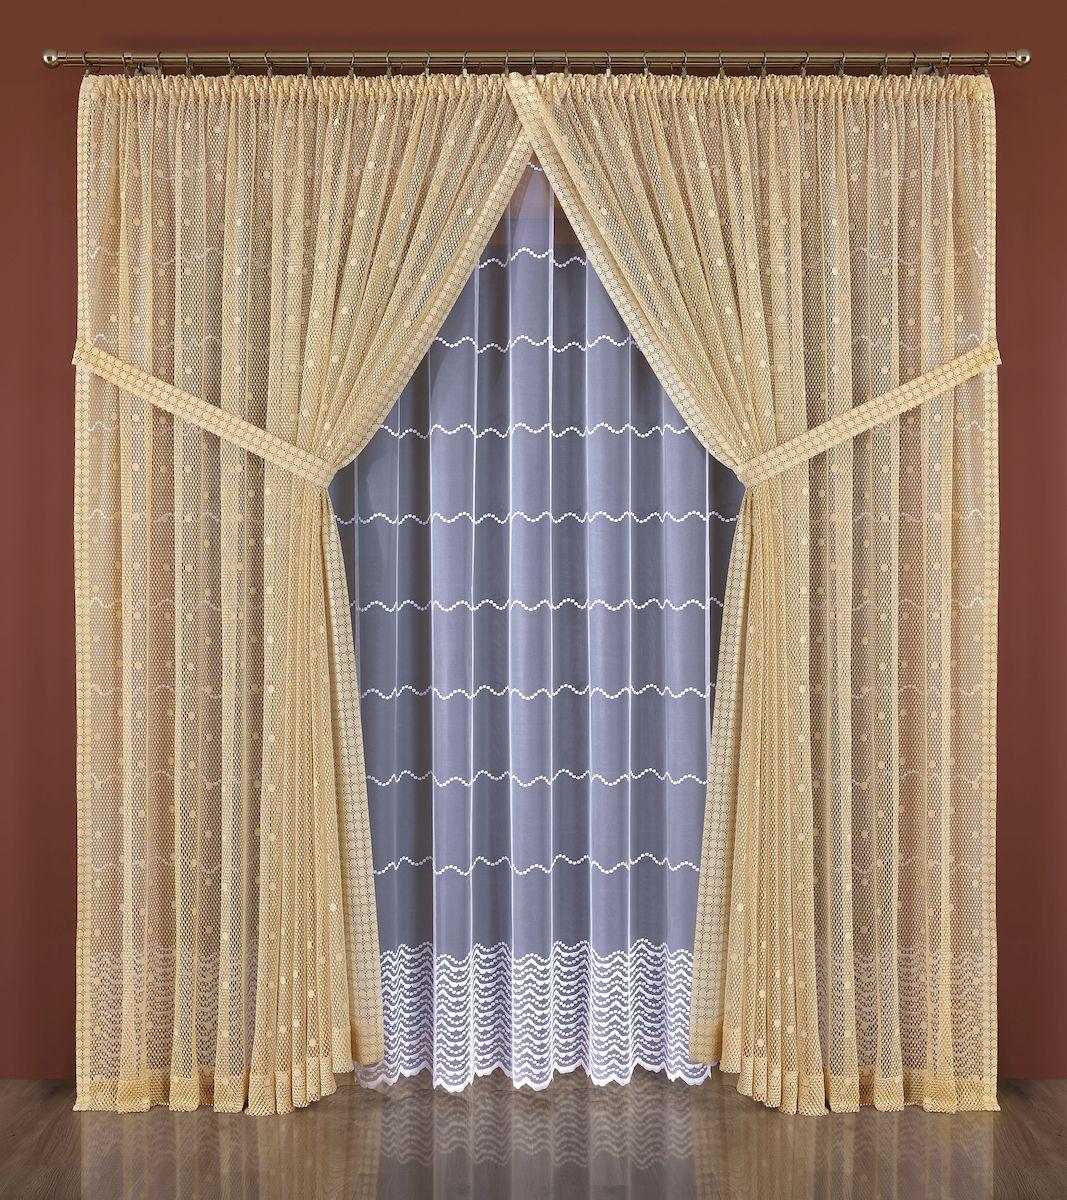 Комплект штор Wisan, цвет: бежевый, высота 250 см. 550W шторы для комнаты tomdom комплект штор тризи бежевый